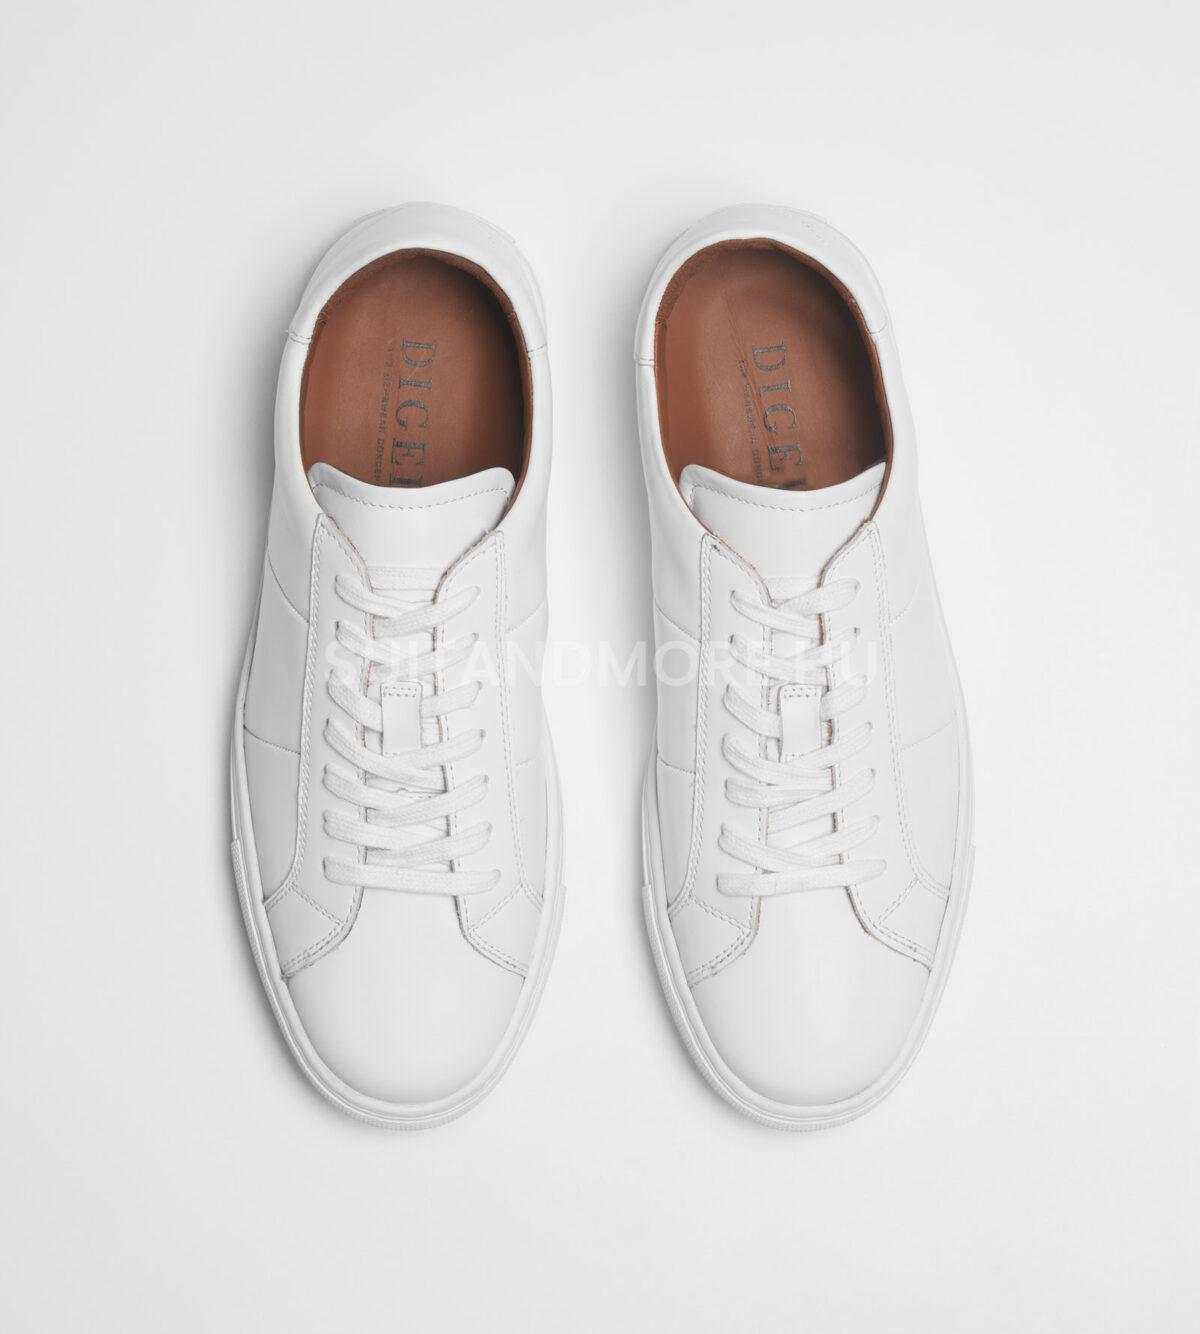 digel-feher-sneaker-cipo-slade-1299728-80